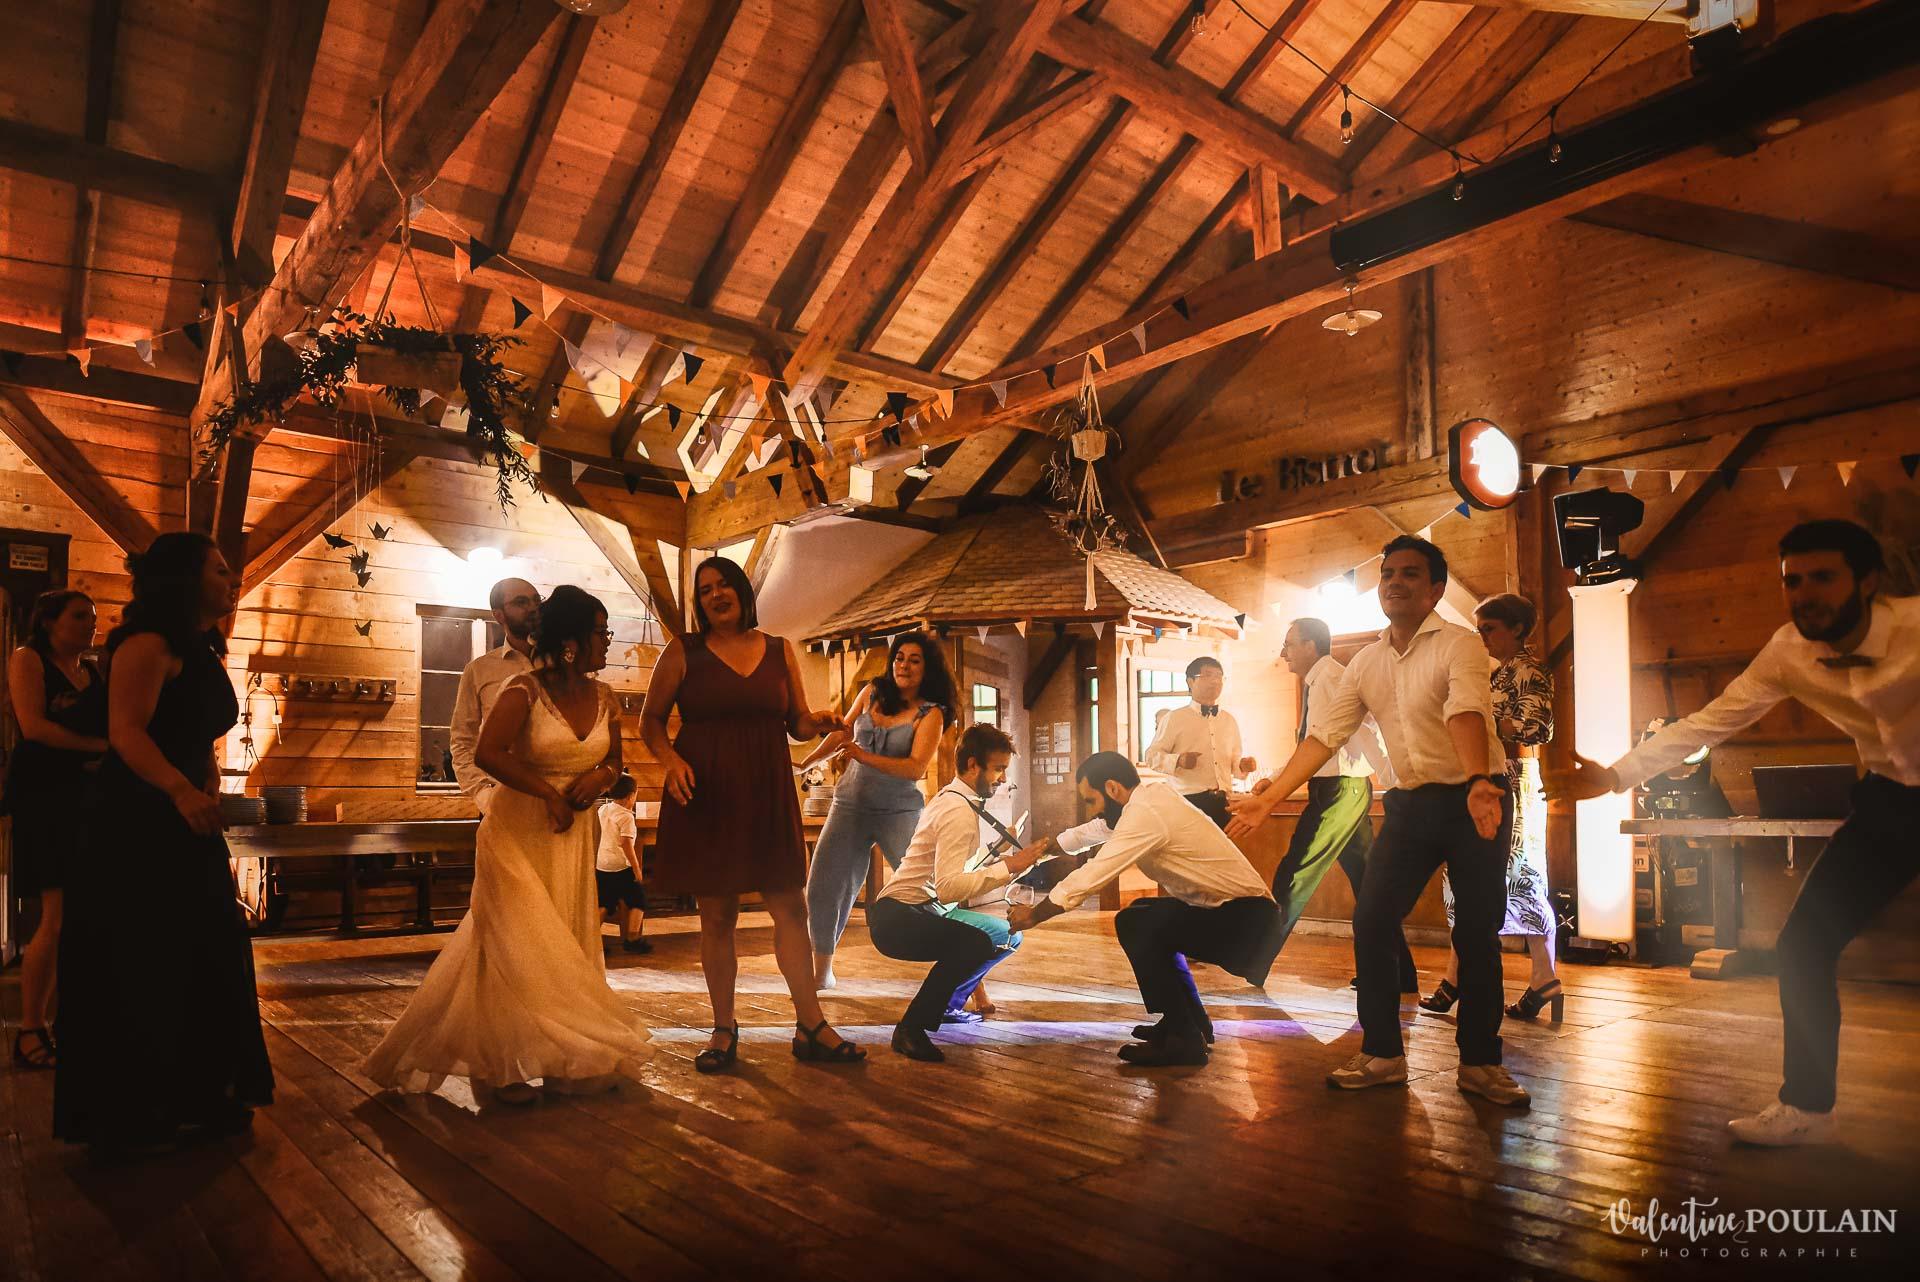 Mariage La Drille au bord de l'eau - Valentine Poulain danses